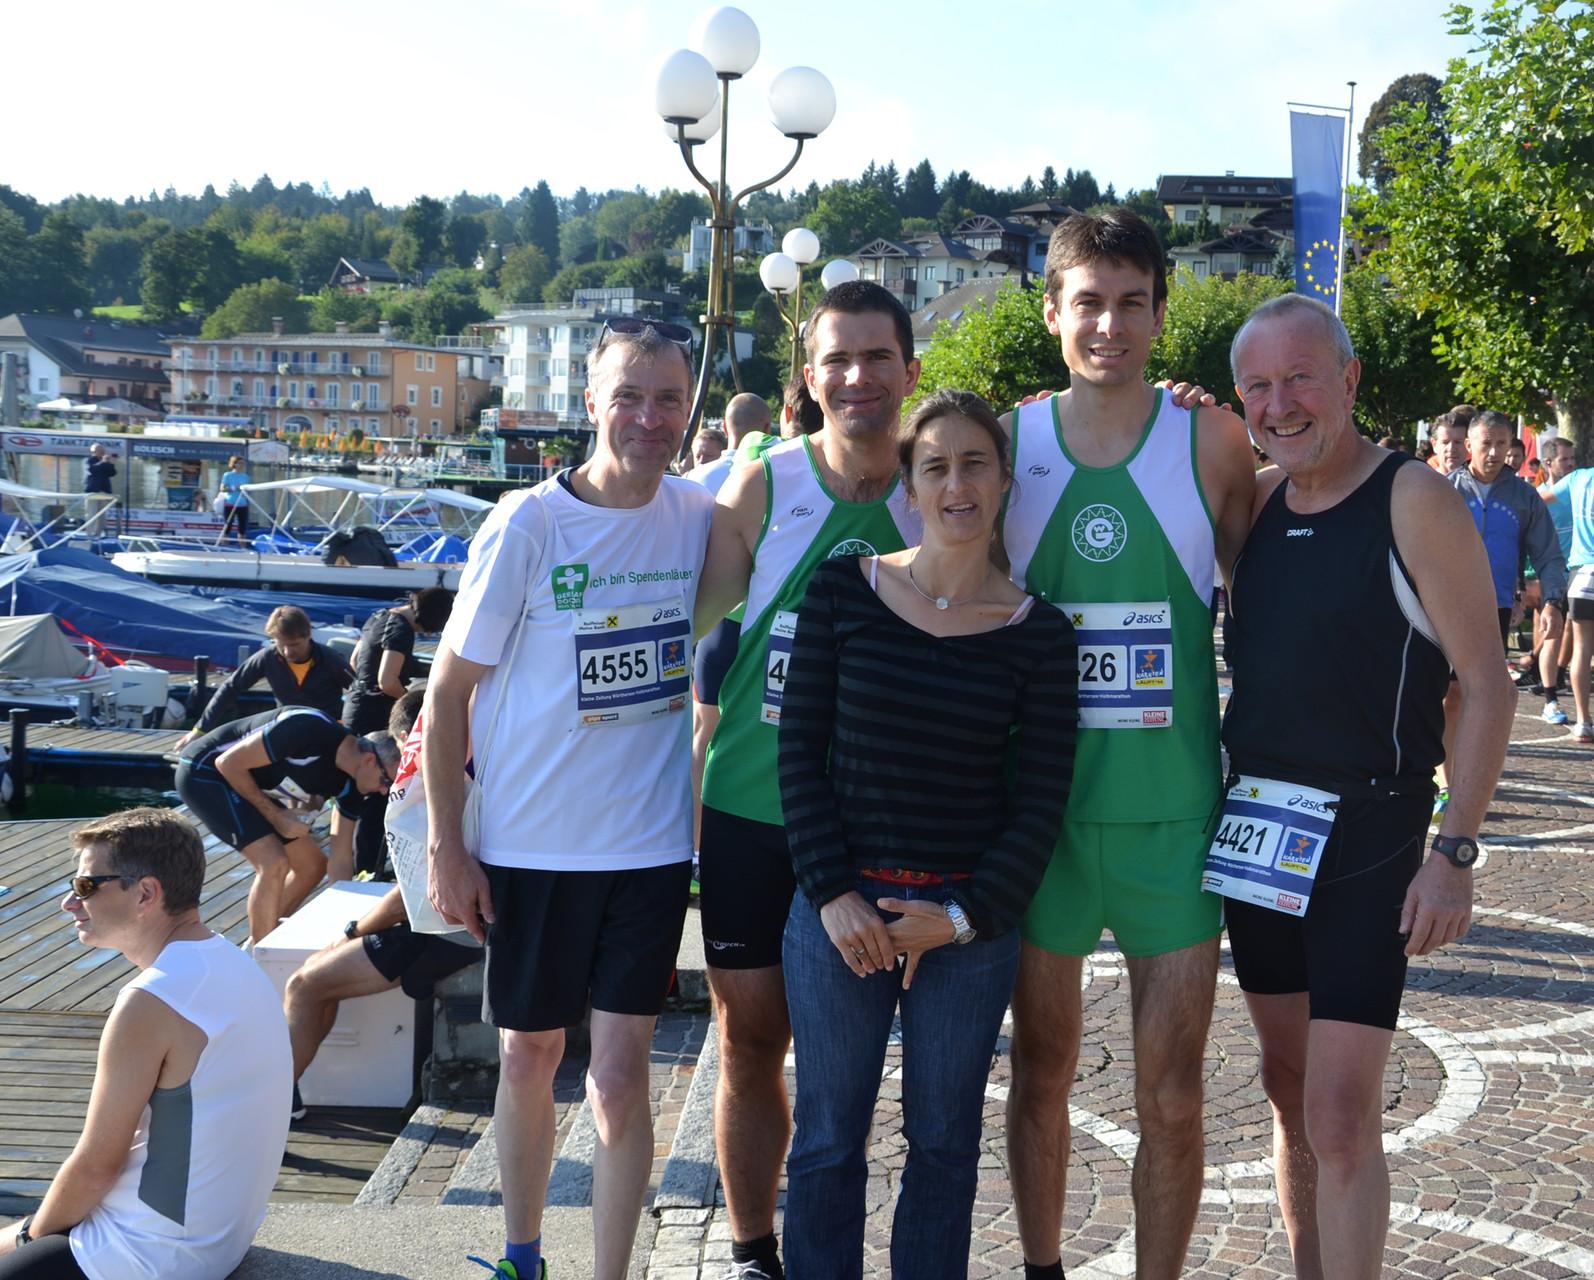 mit tanja weiß-thalmann, andy heckmann, nikolaj dorka und michael reuter beim klagenfurt-halbmarathon 2014